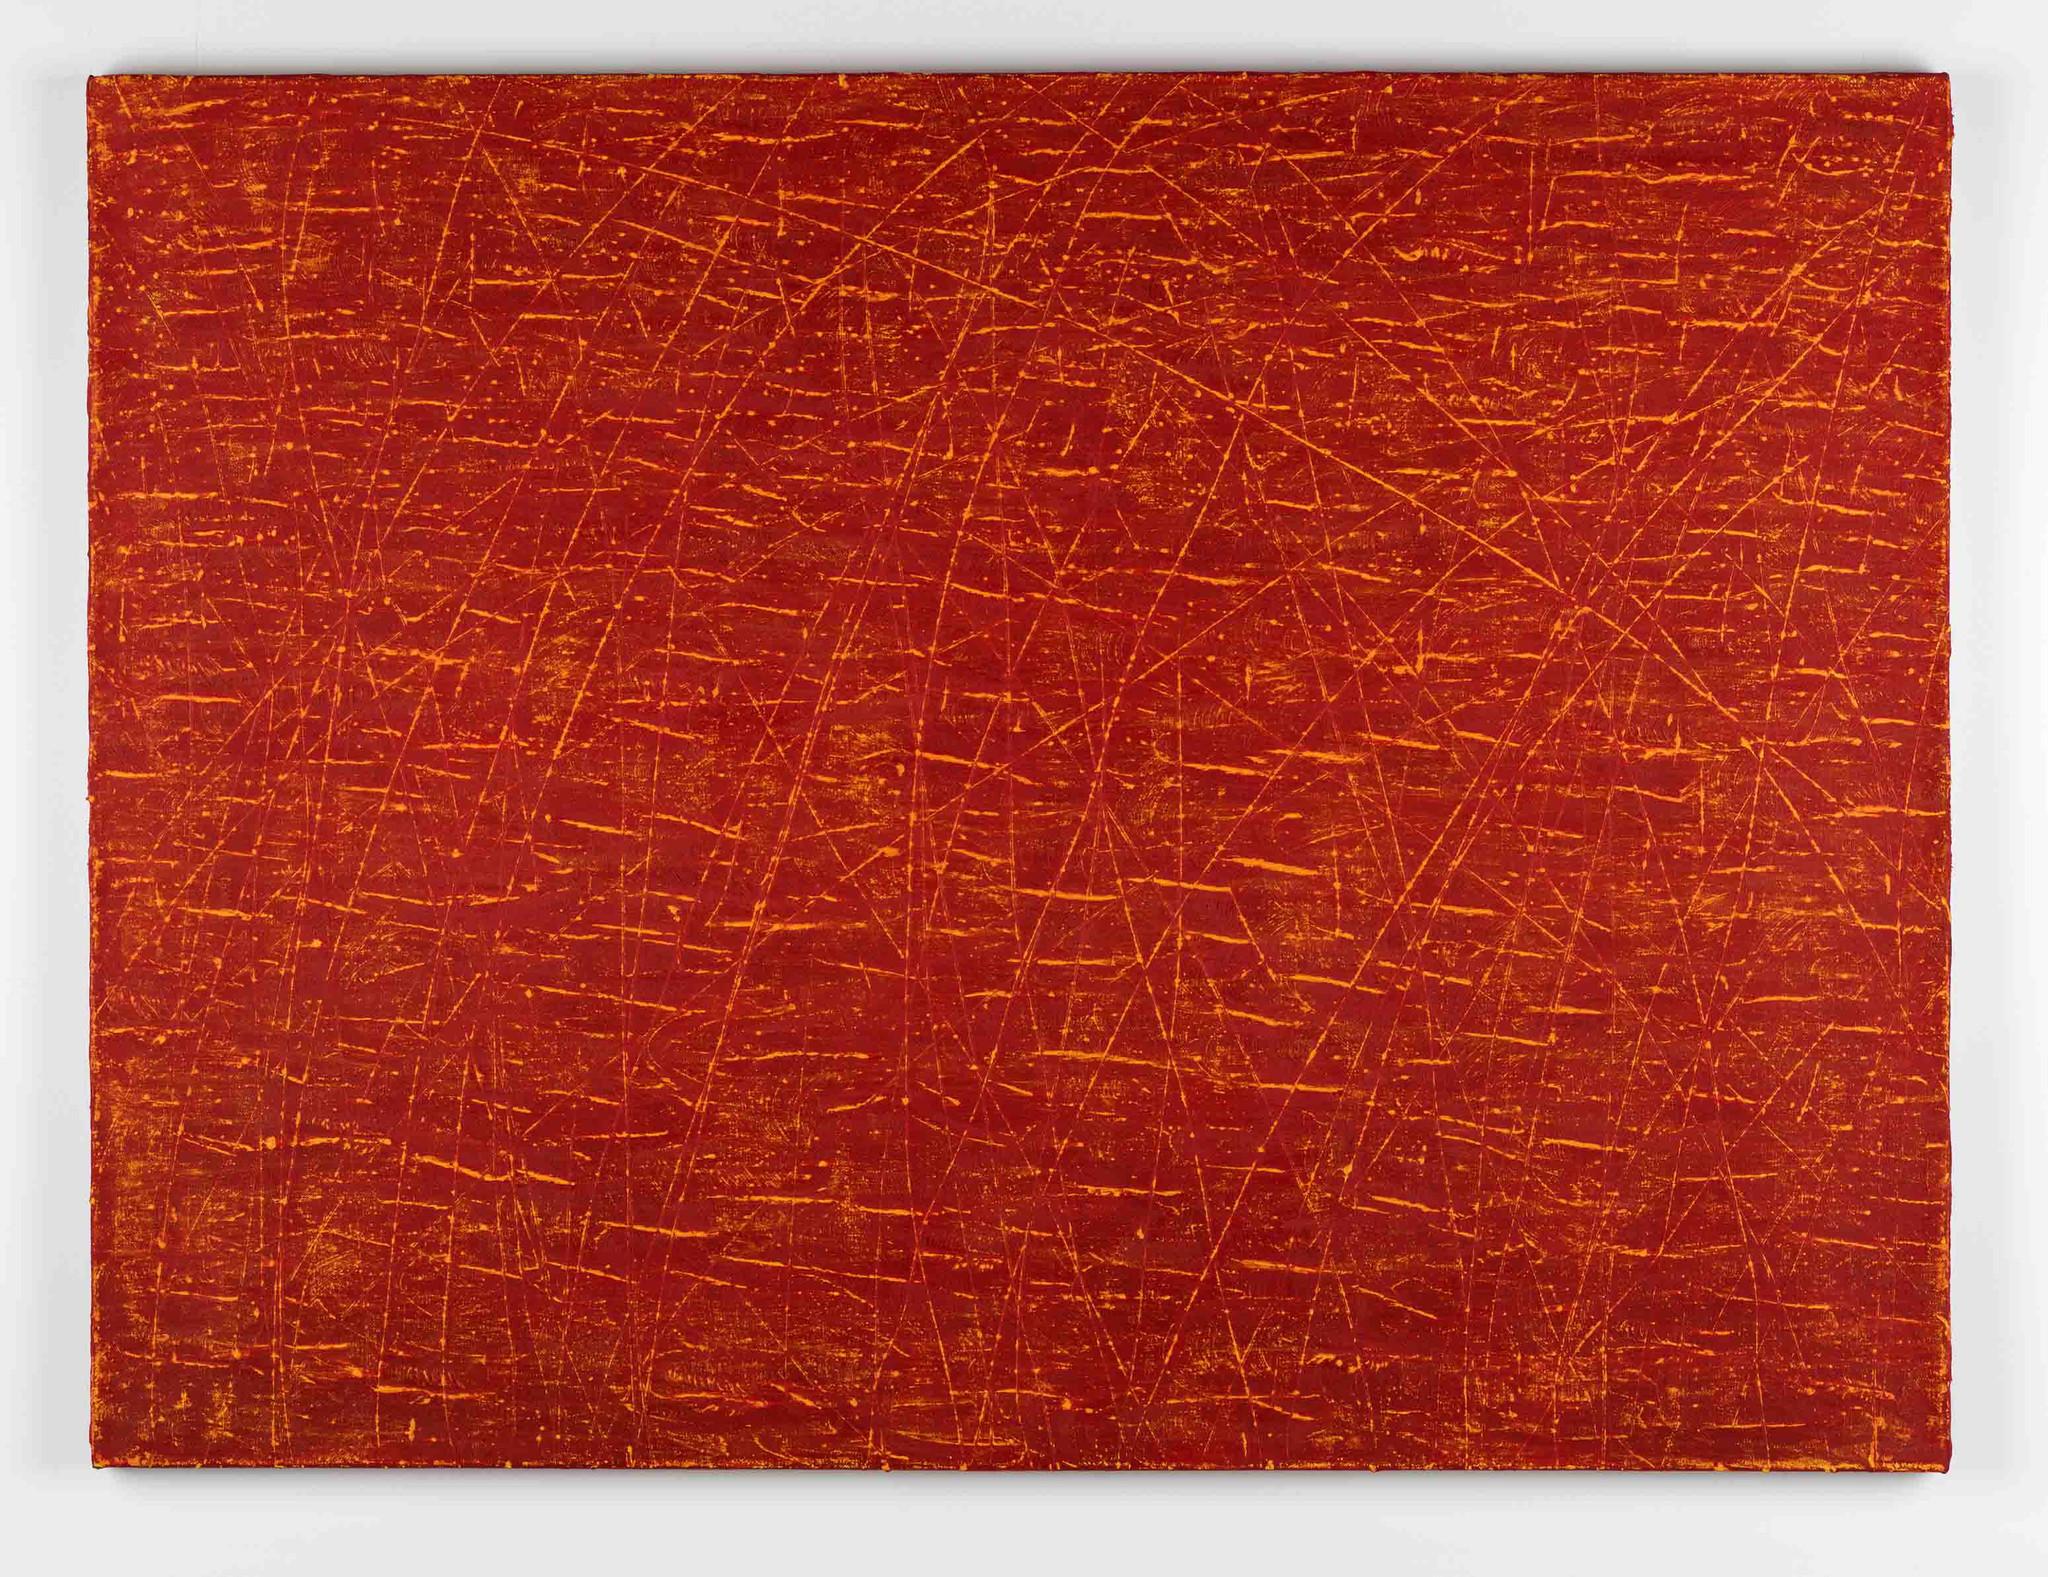 """""""Sparks 5,"""" 2016, by Steven Steinman, on view at Von Lintel in Culver City."""